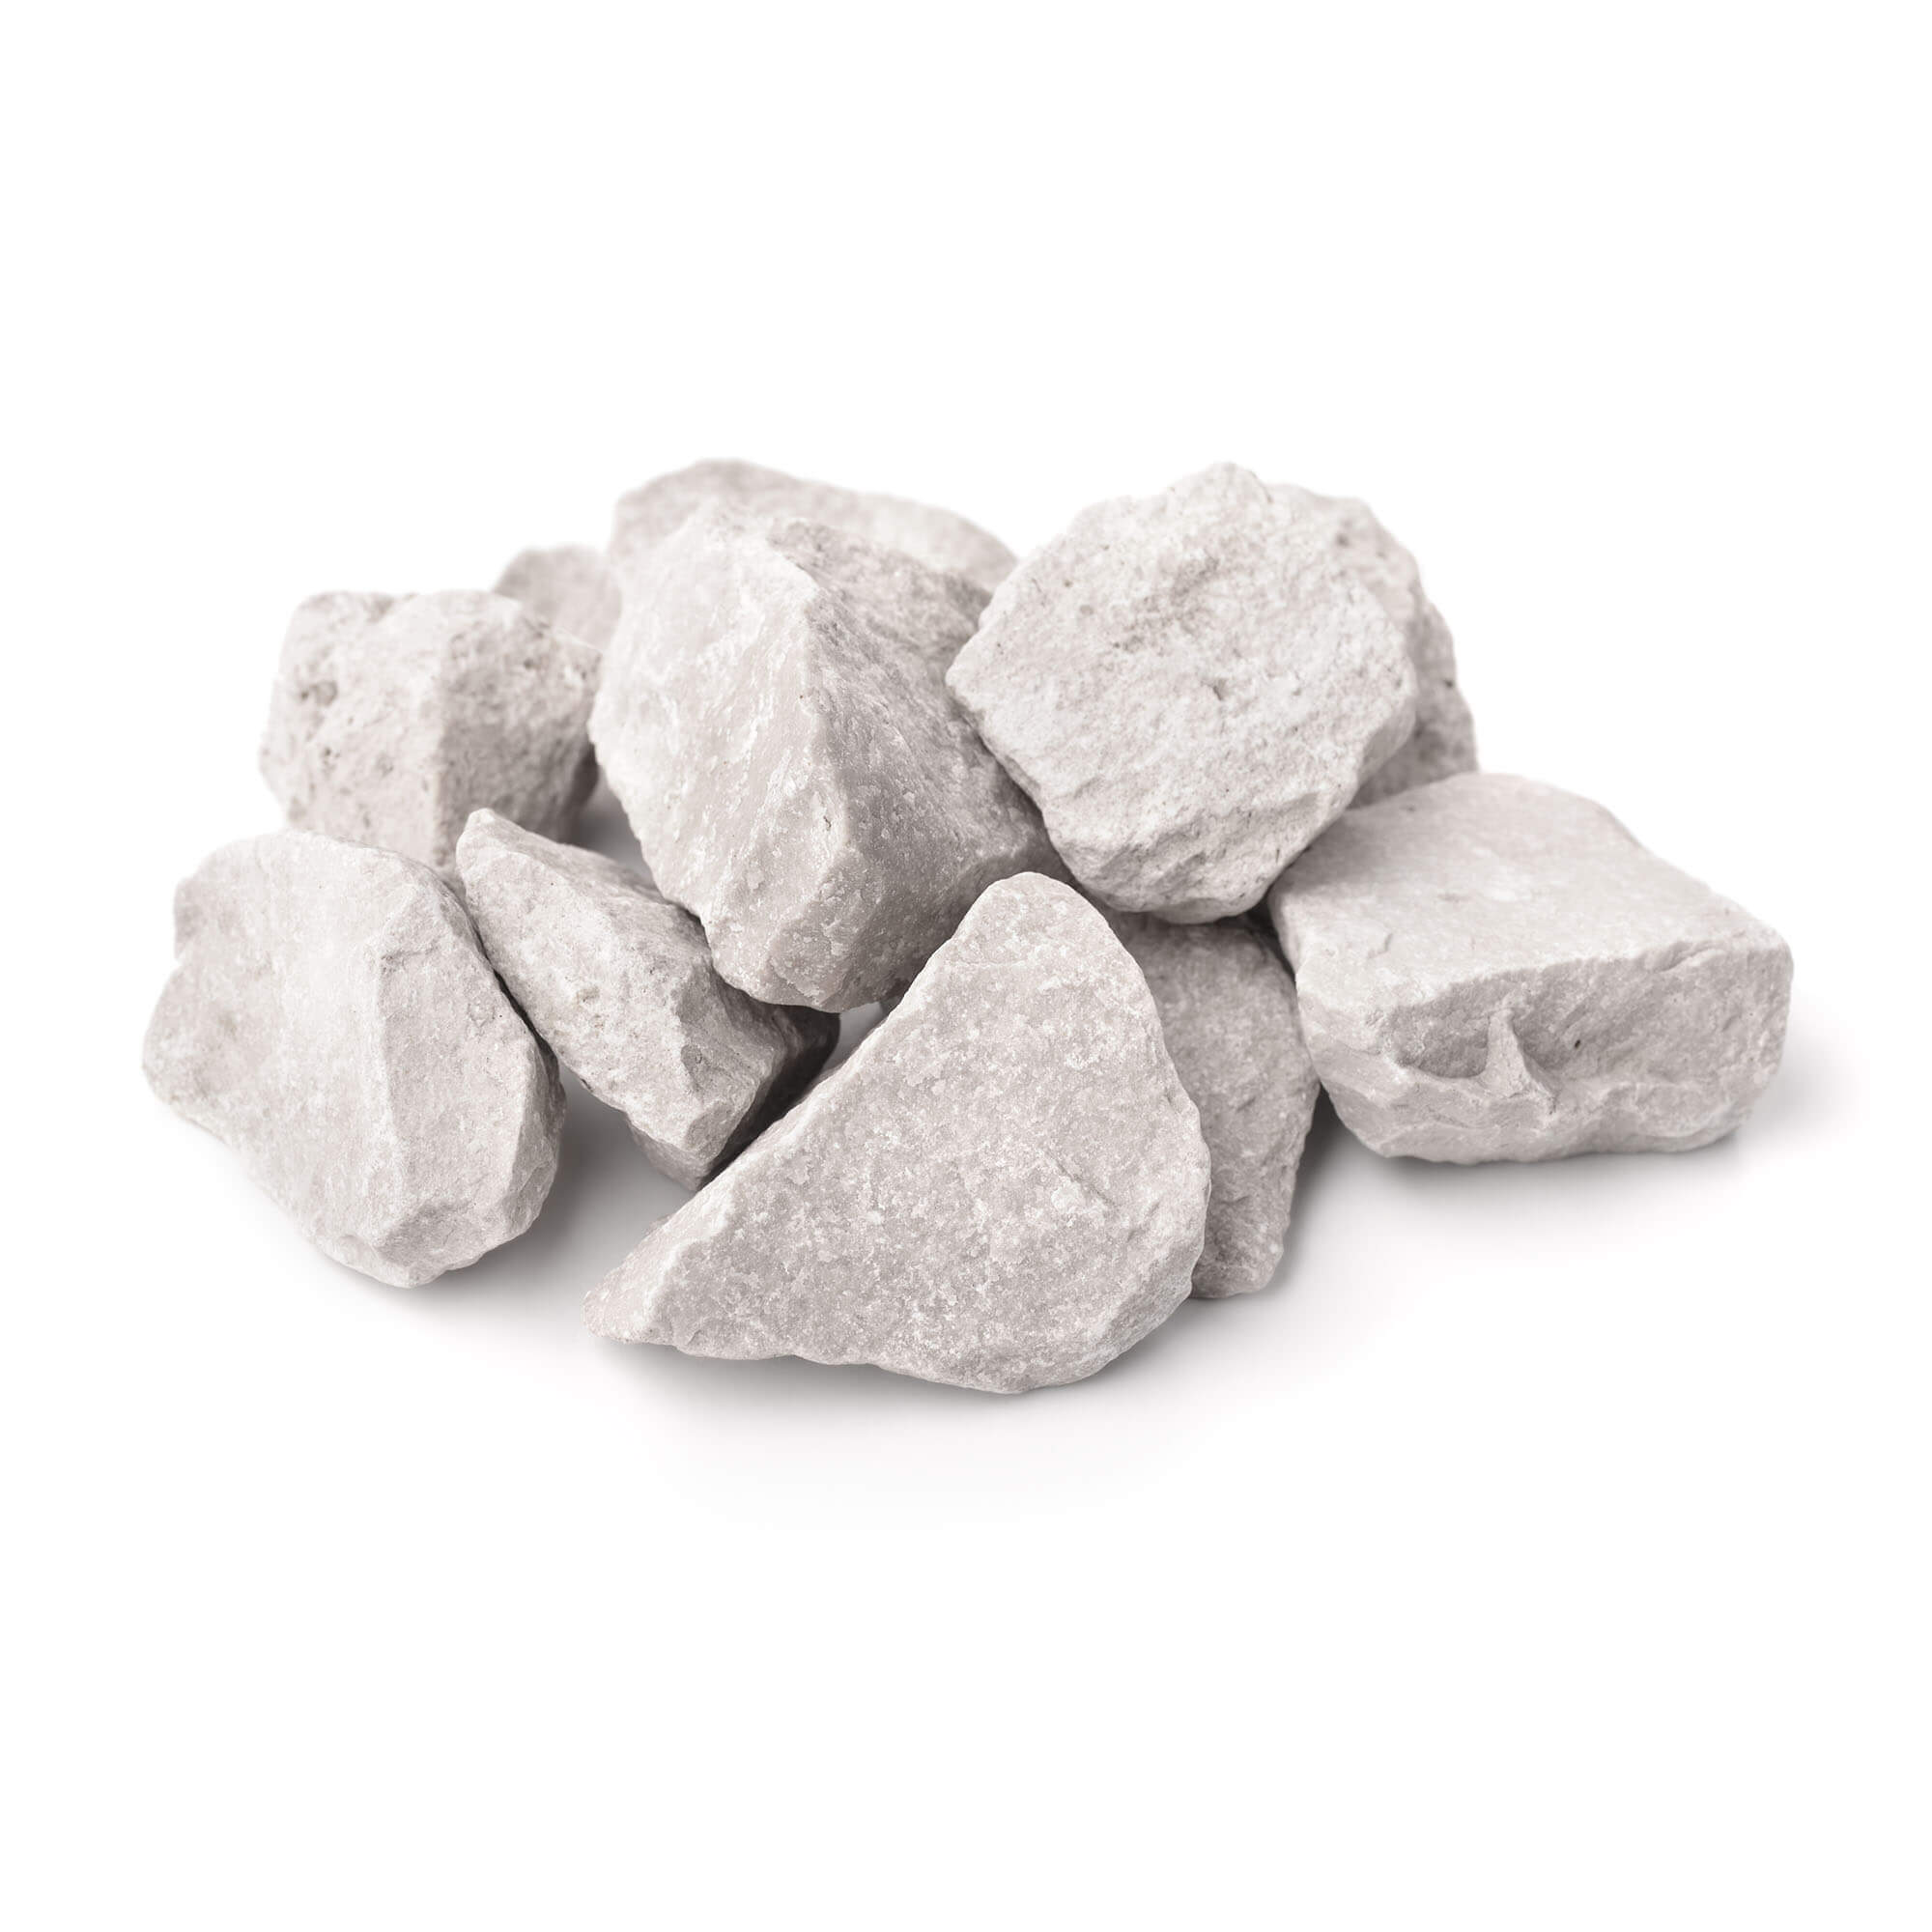 Quartzite Smokey White